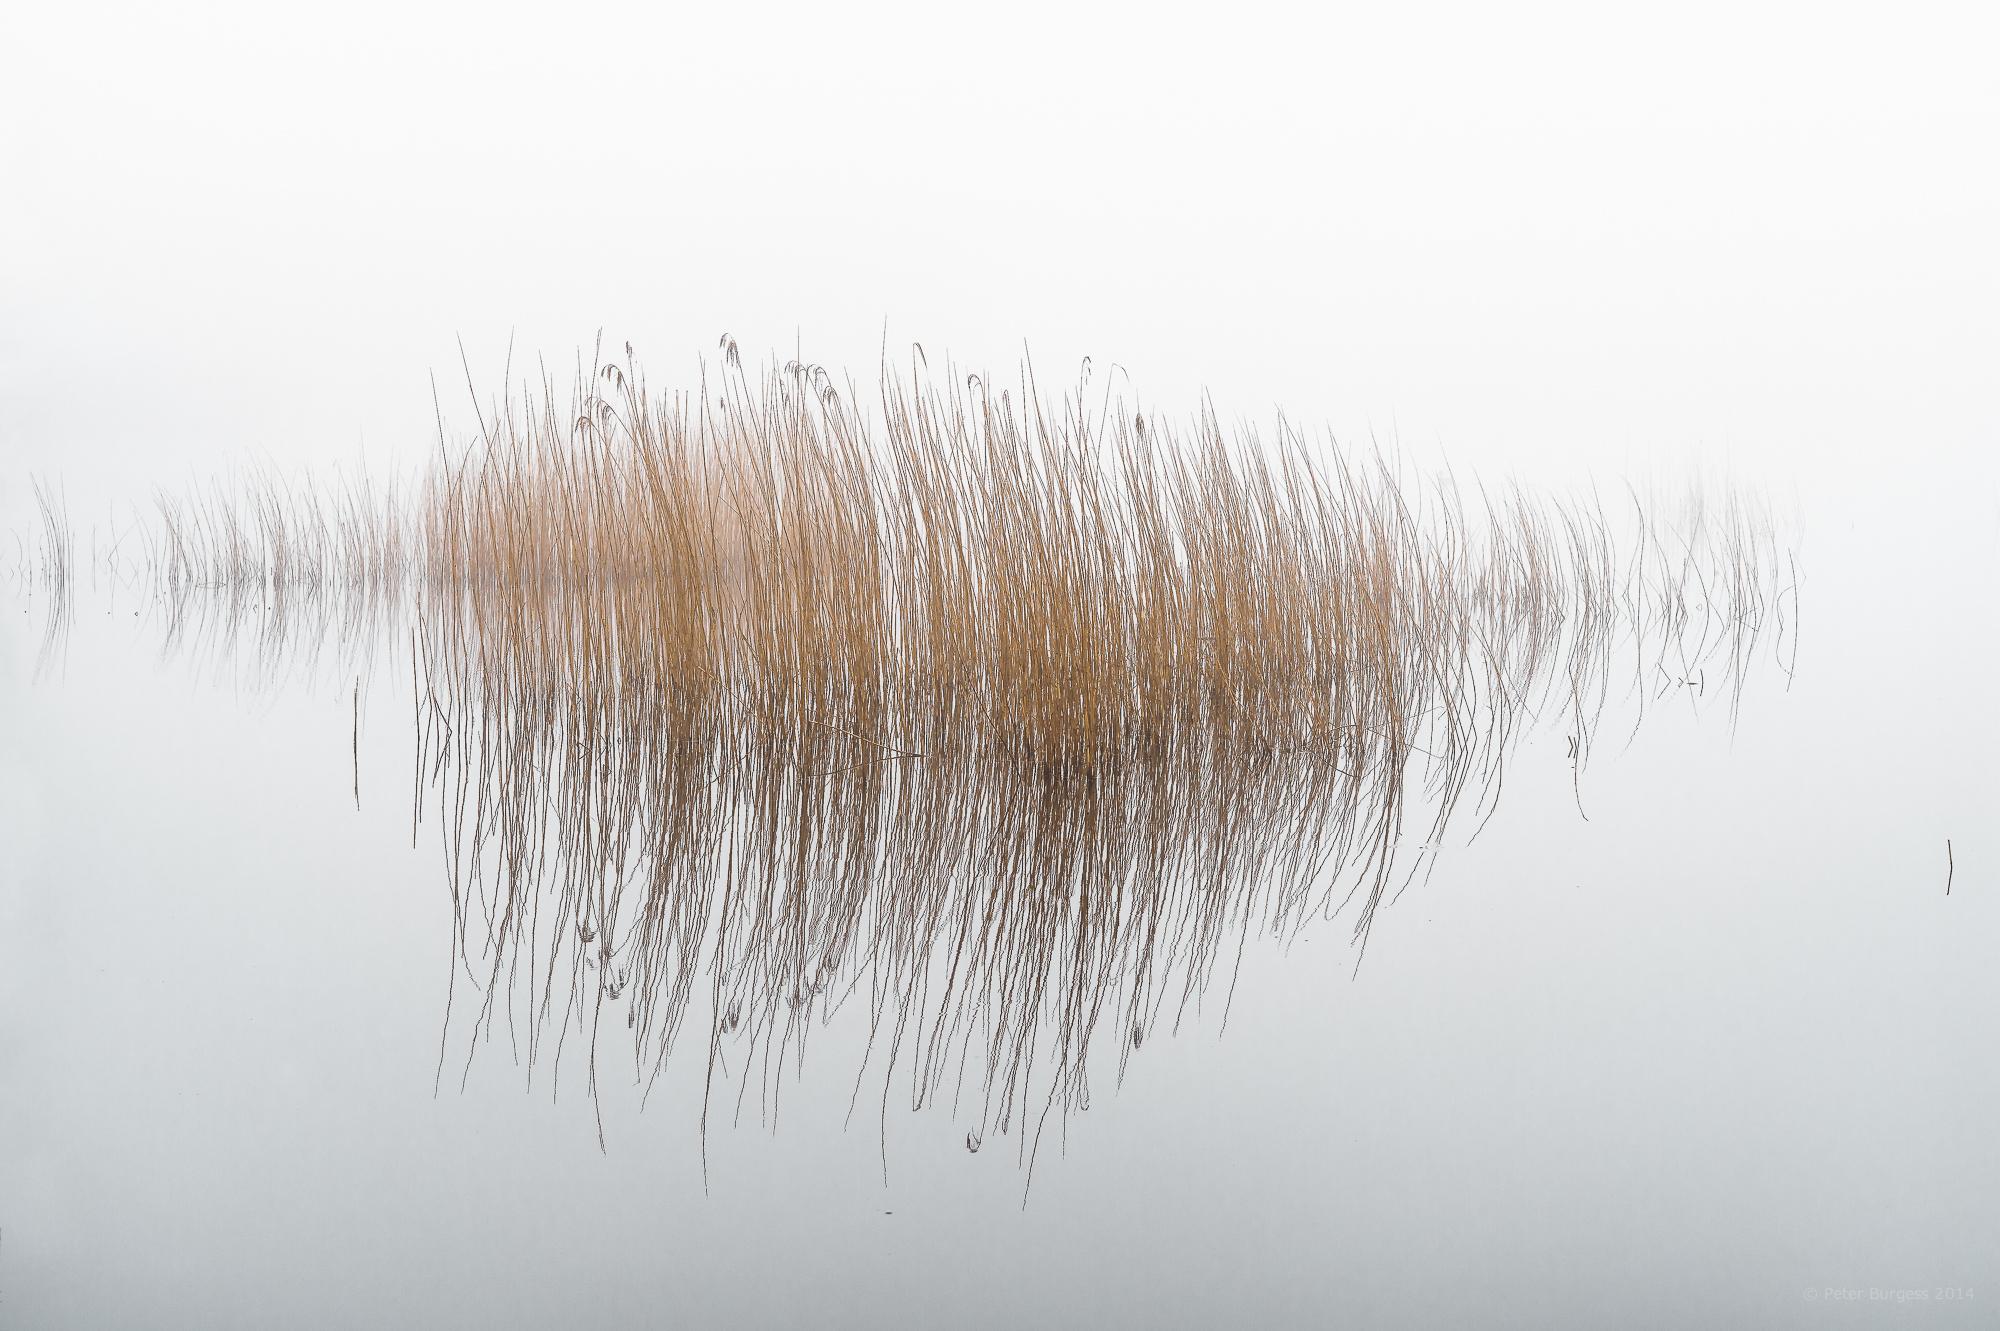 Reeds PNG - 75524